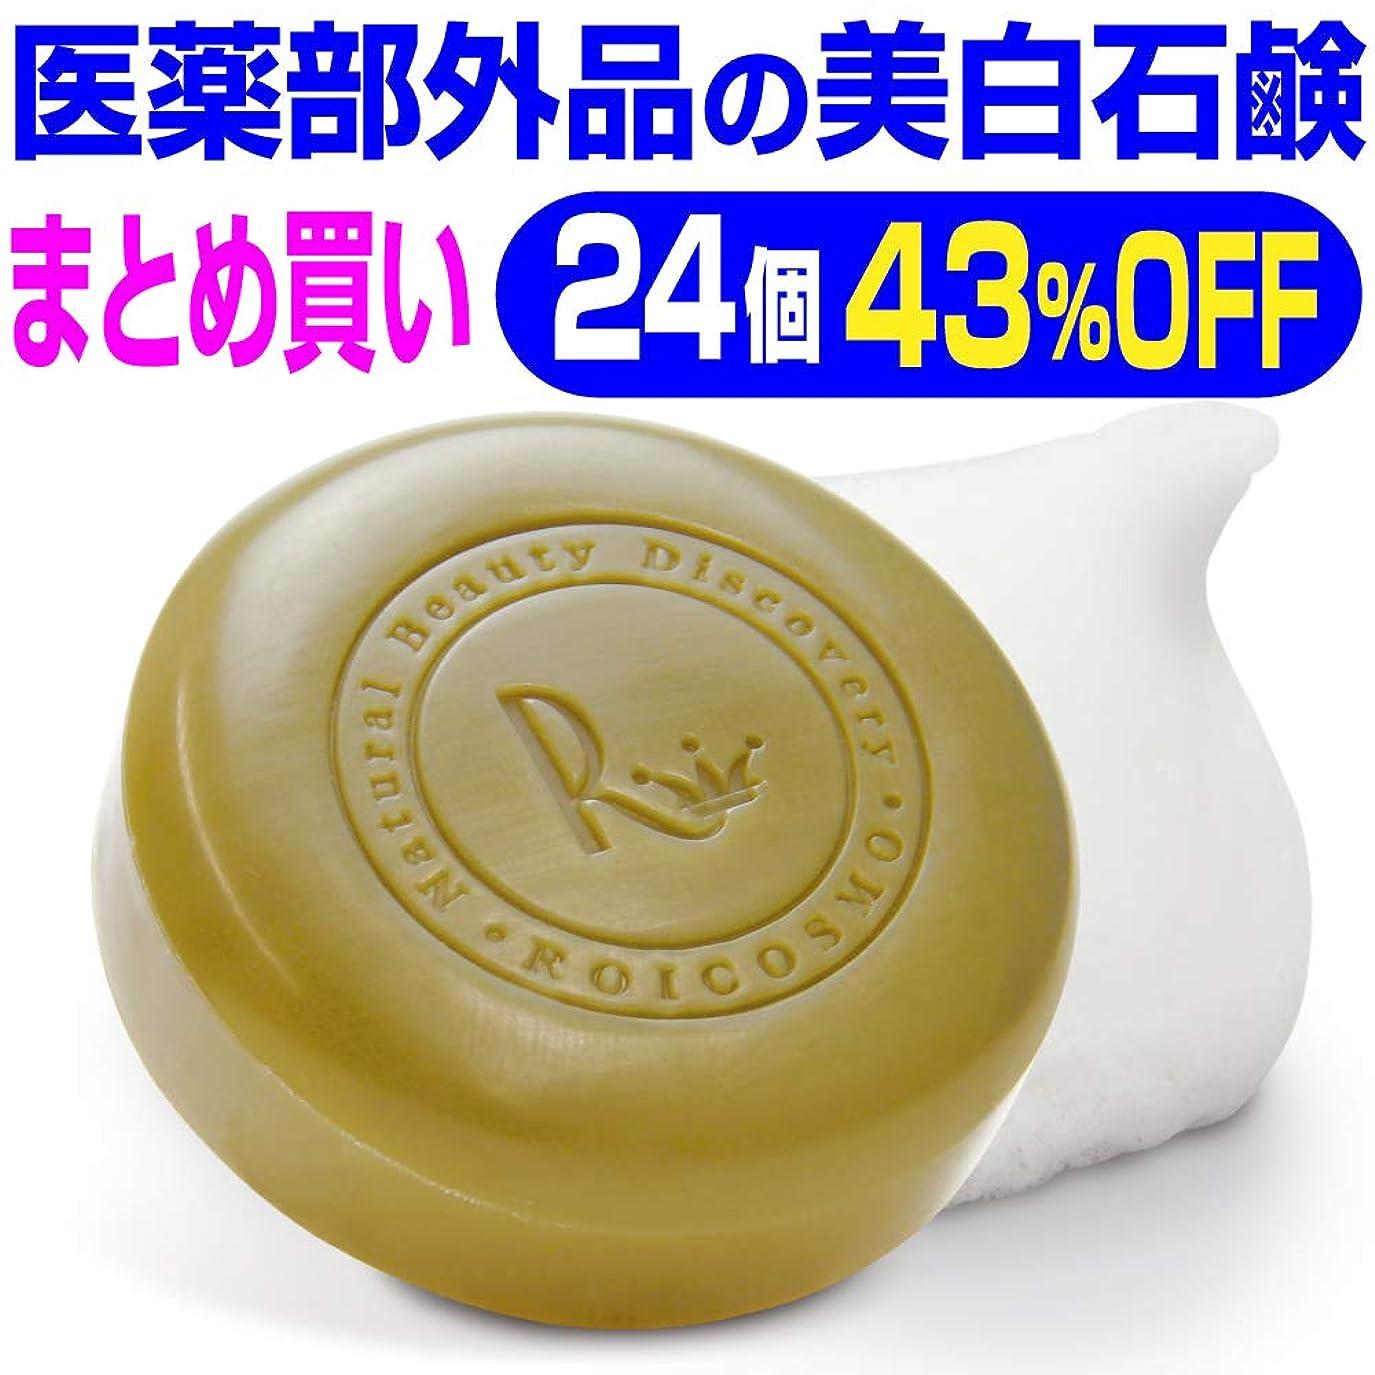 コンパクトアイスクリームテセウス24個まとめ買い43%OFF 美白石鹸/ビタミンC270倍の美白成分配合の 洗顔石鹸『ホワイトソープ100g×24個』